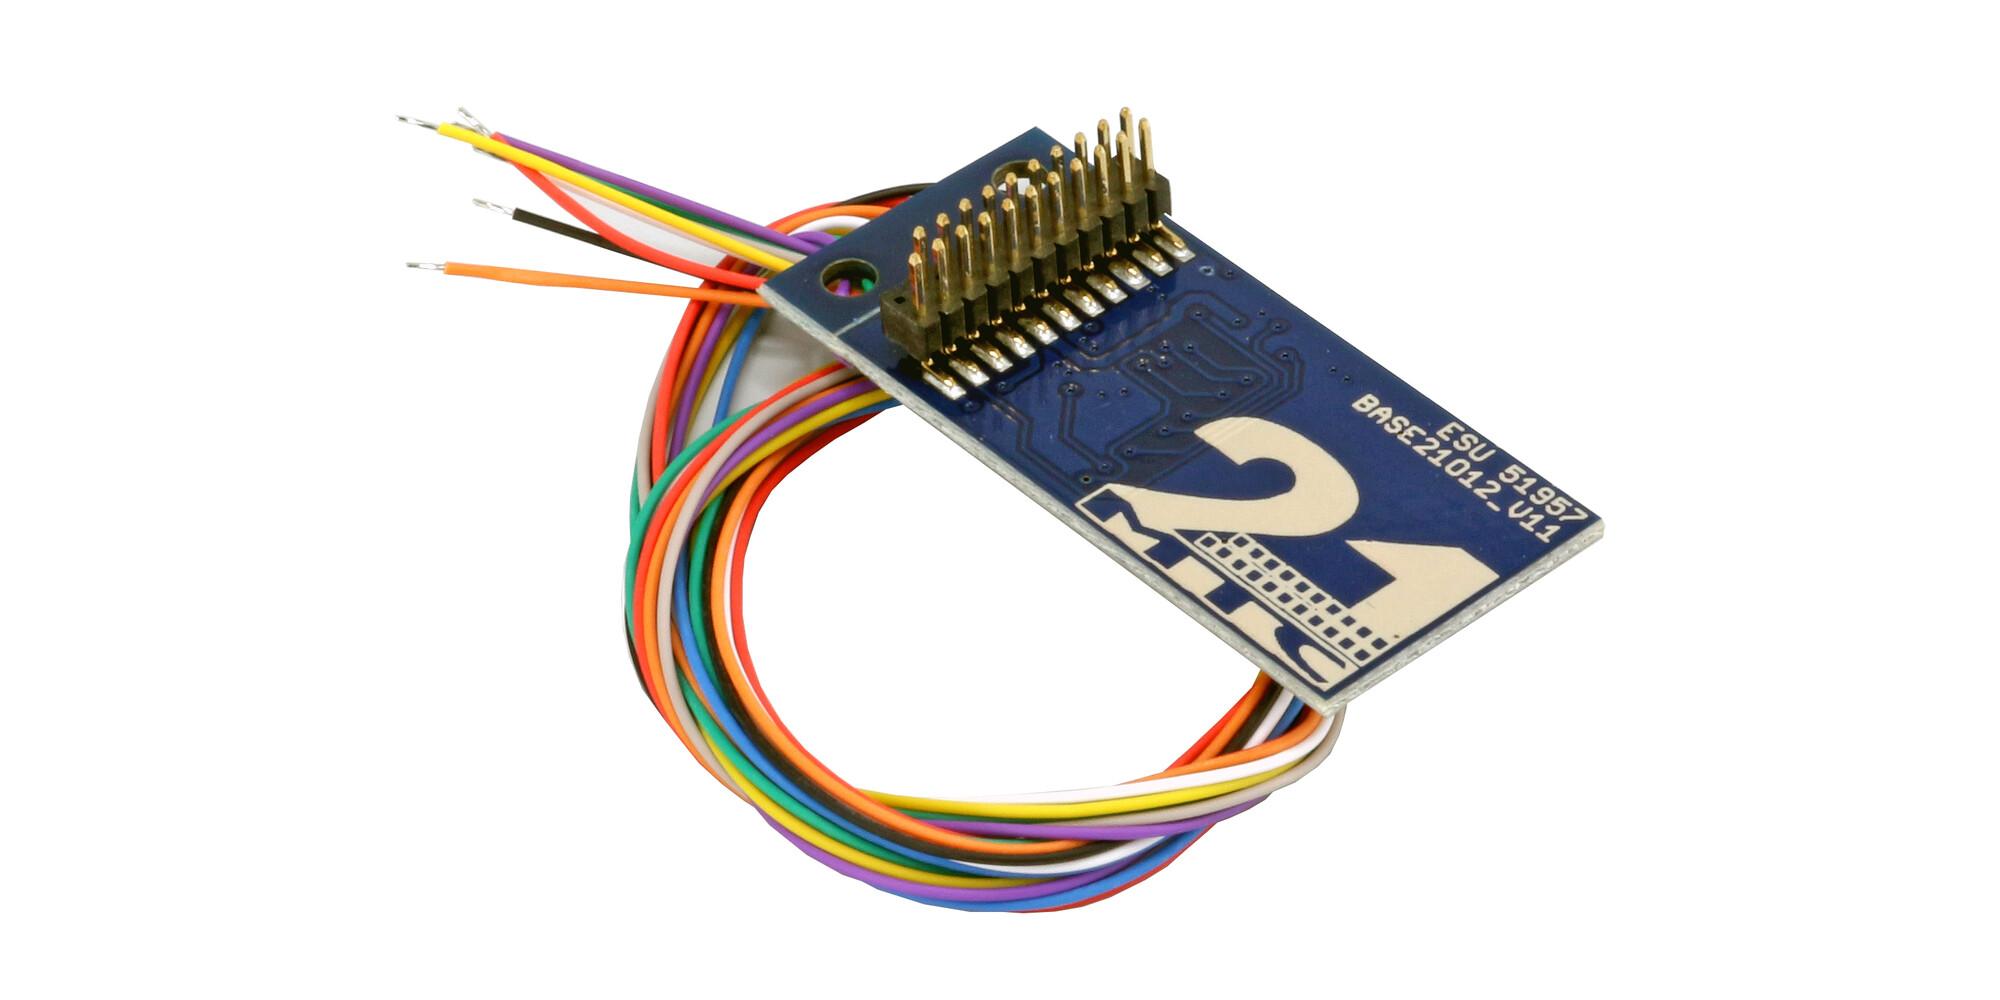 ESU-Elektronik 51957 Adapterplatine 21MTC für 8 verstärkte Ausgänge, Lötkontakten und angelöteten Ka